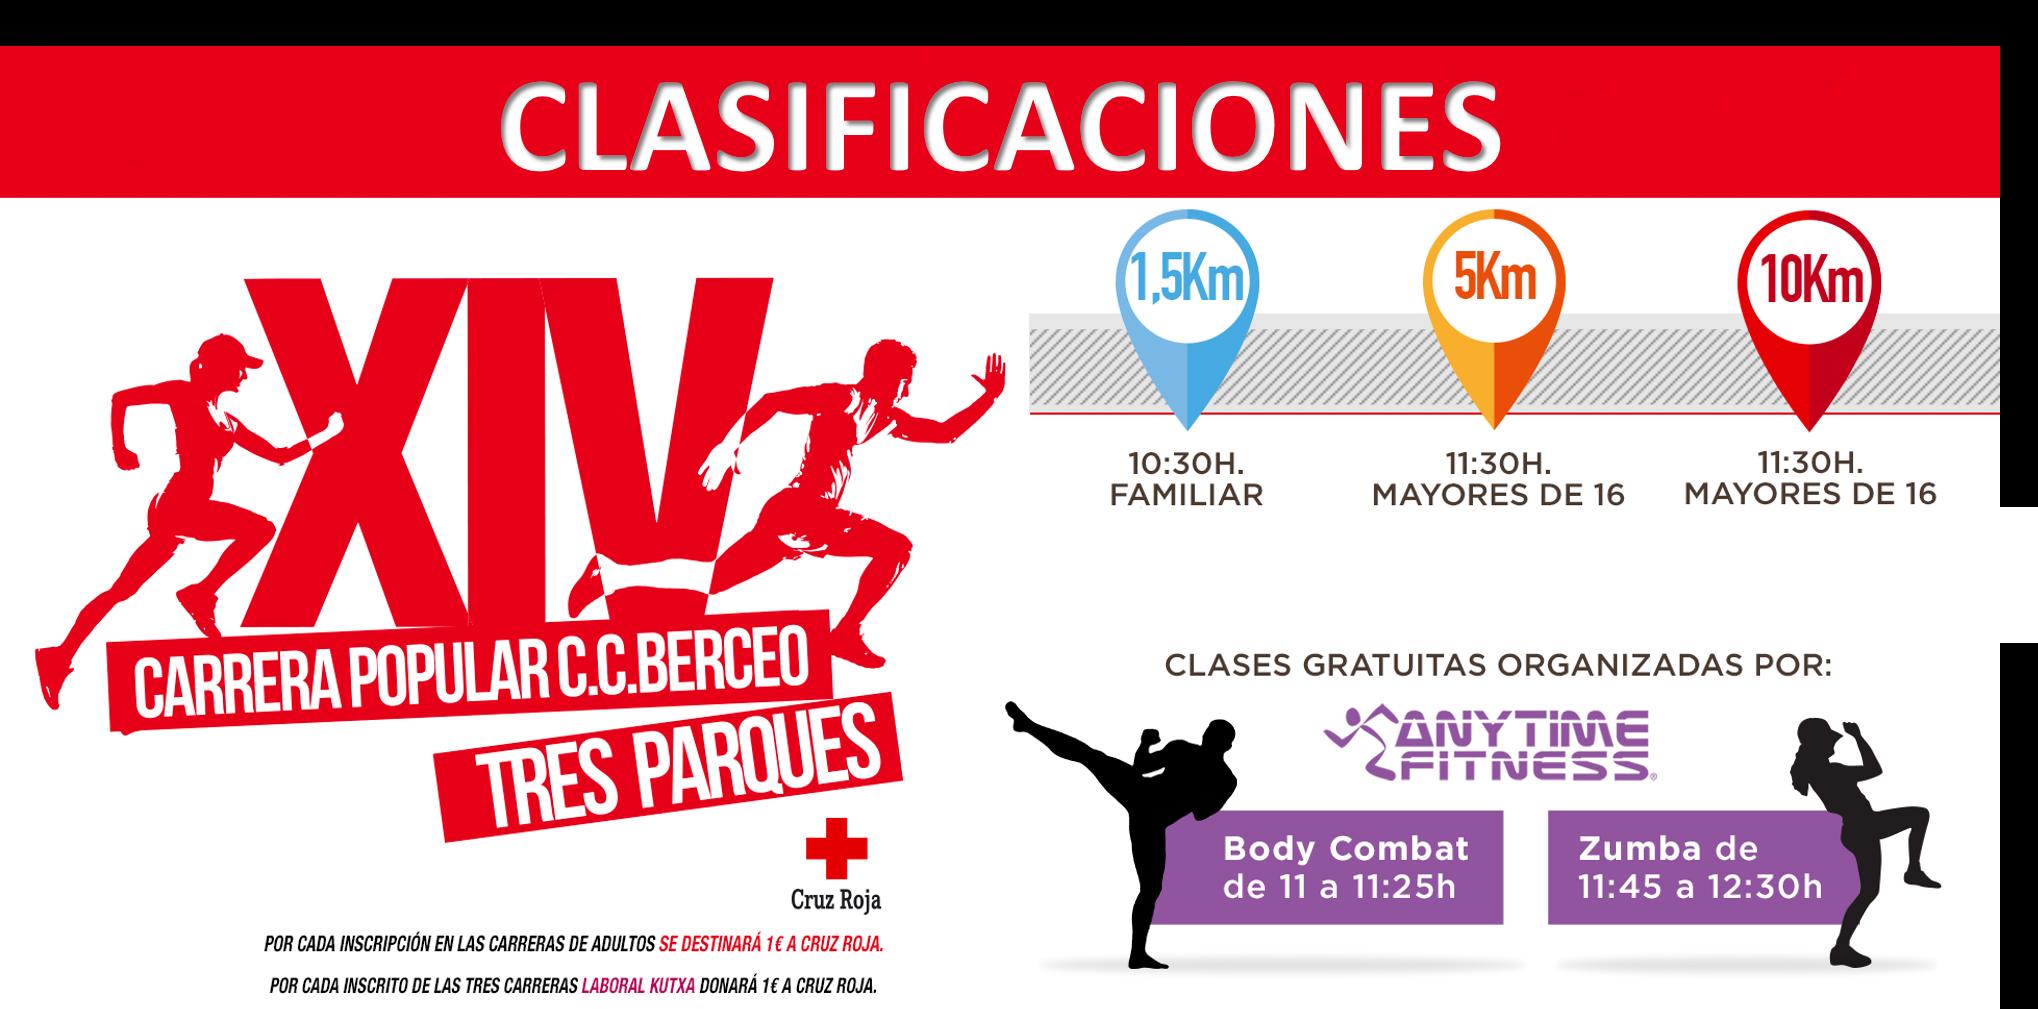 clasificaciones-xiv-carrera-popular-c-c-berceo-tres-parques